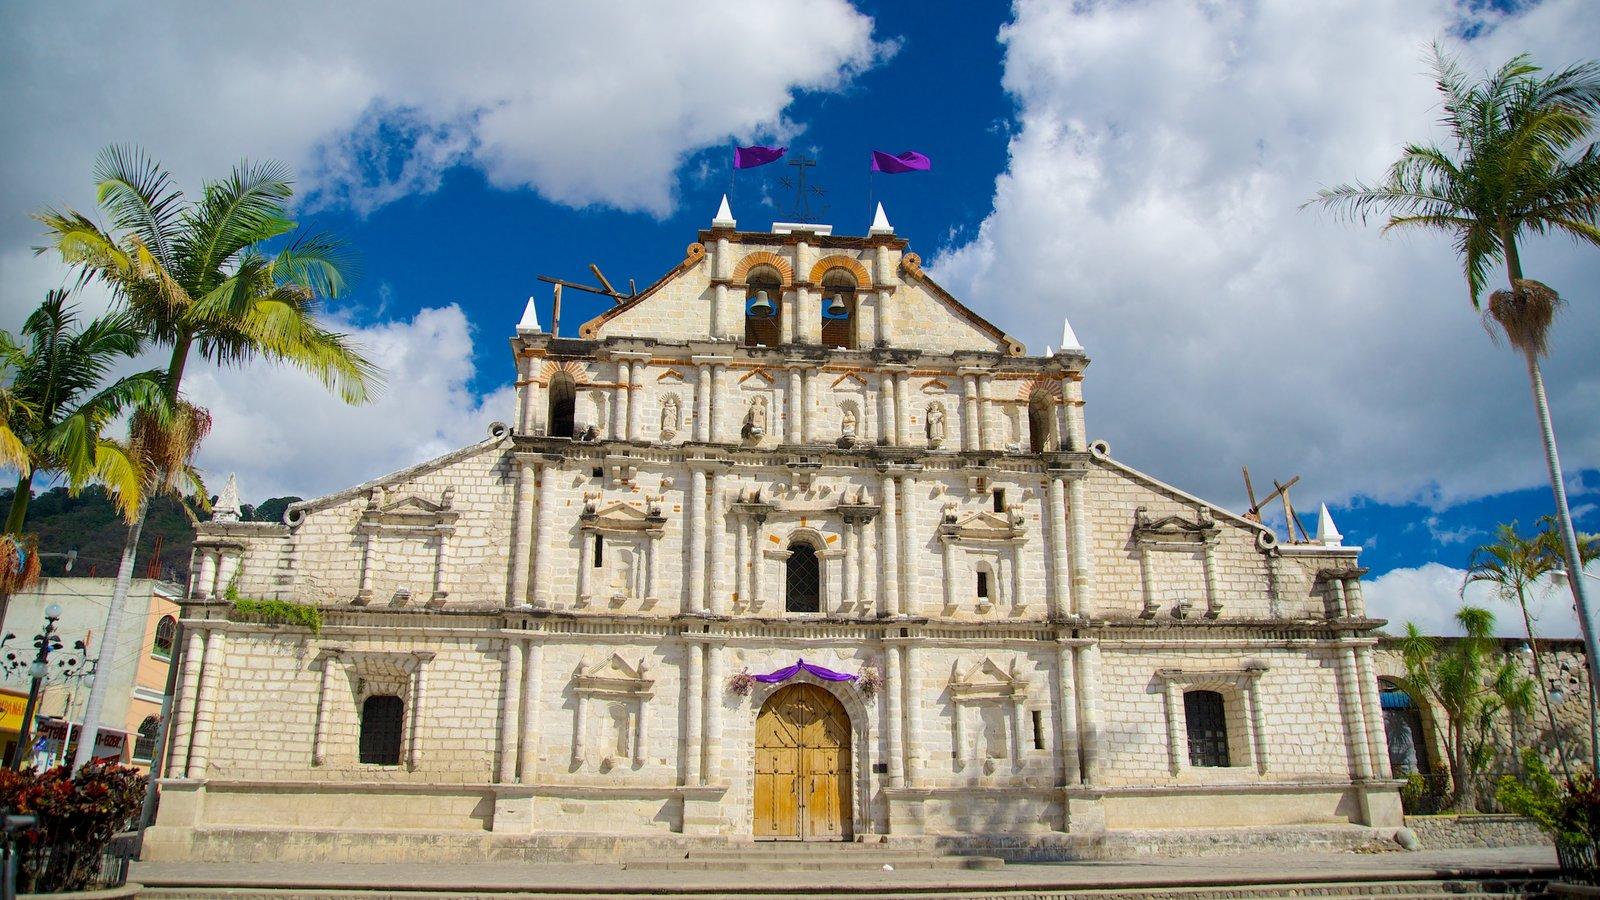 Igreja de São Francisco caracterizando elementos de patrimônio e uma igreja ou catedral